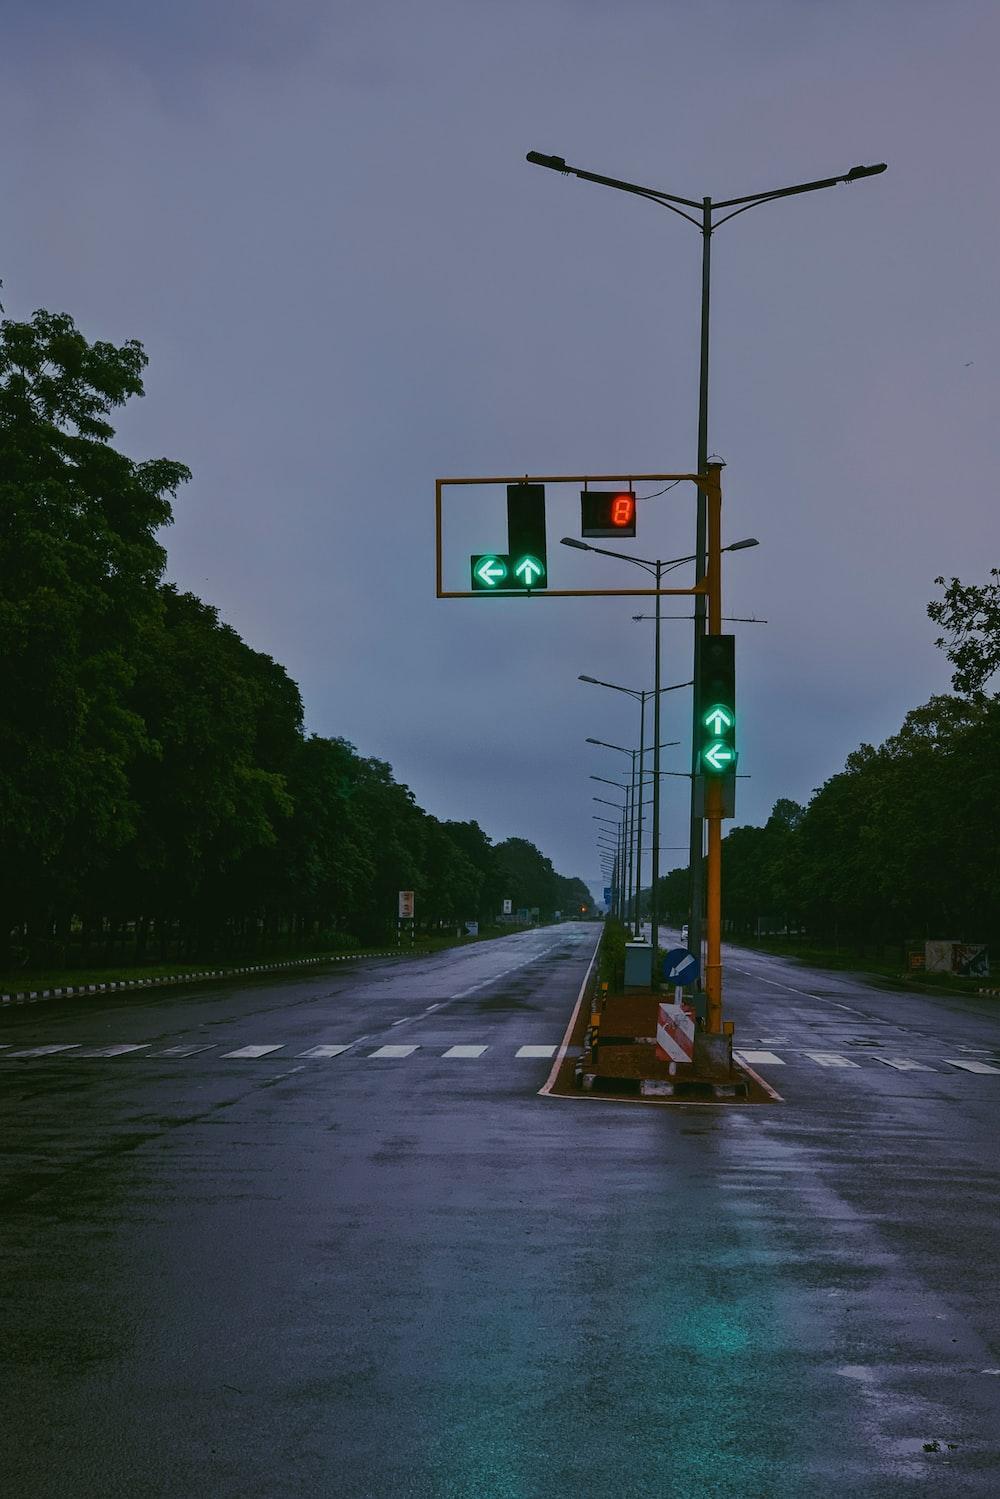 green traffic light on gray asphalt road